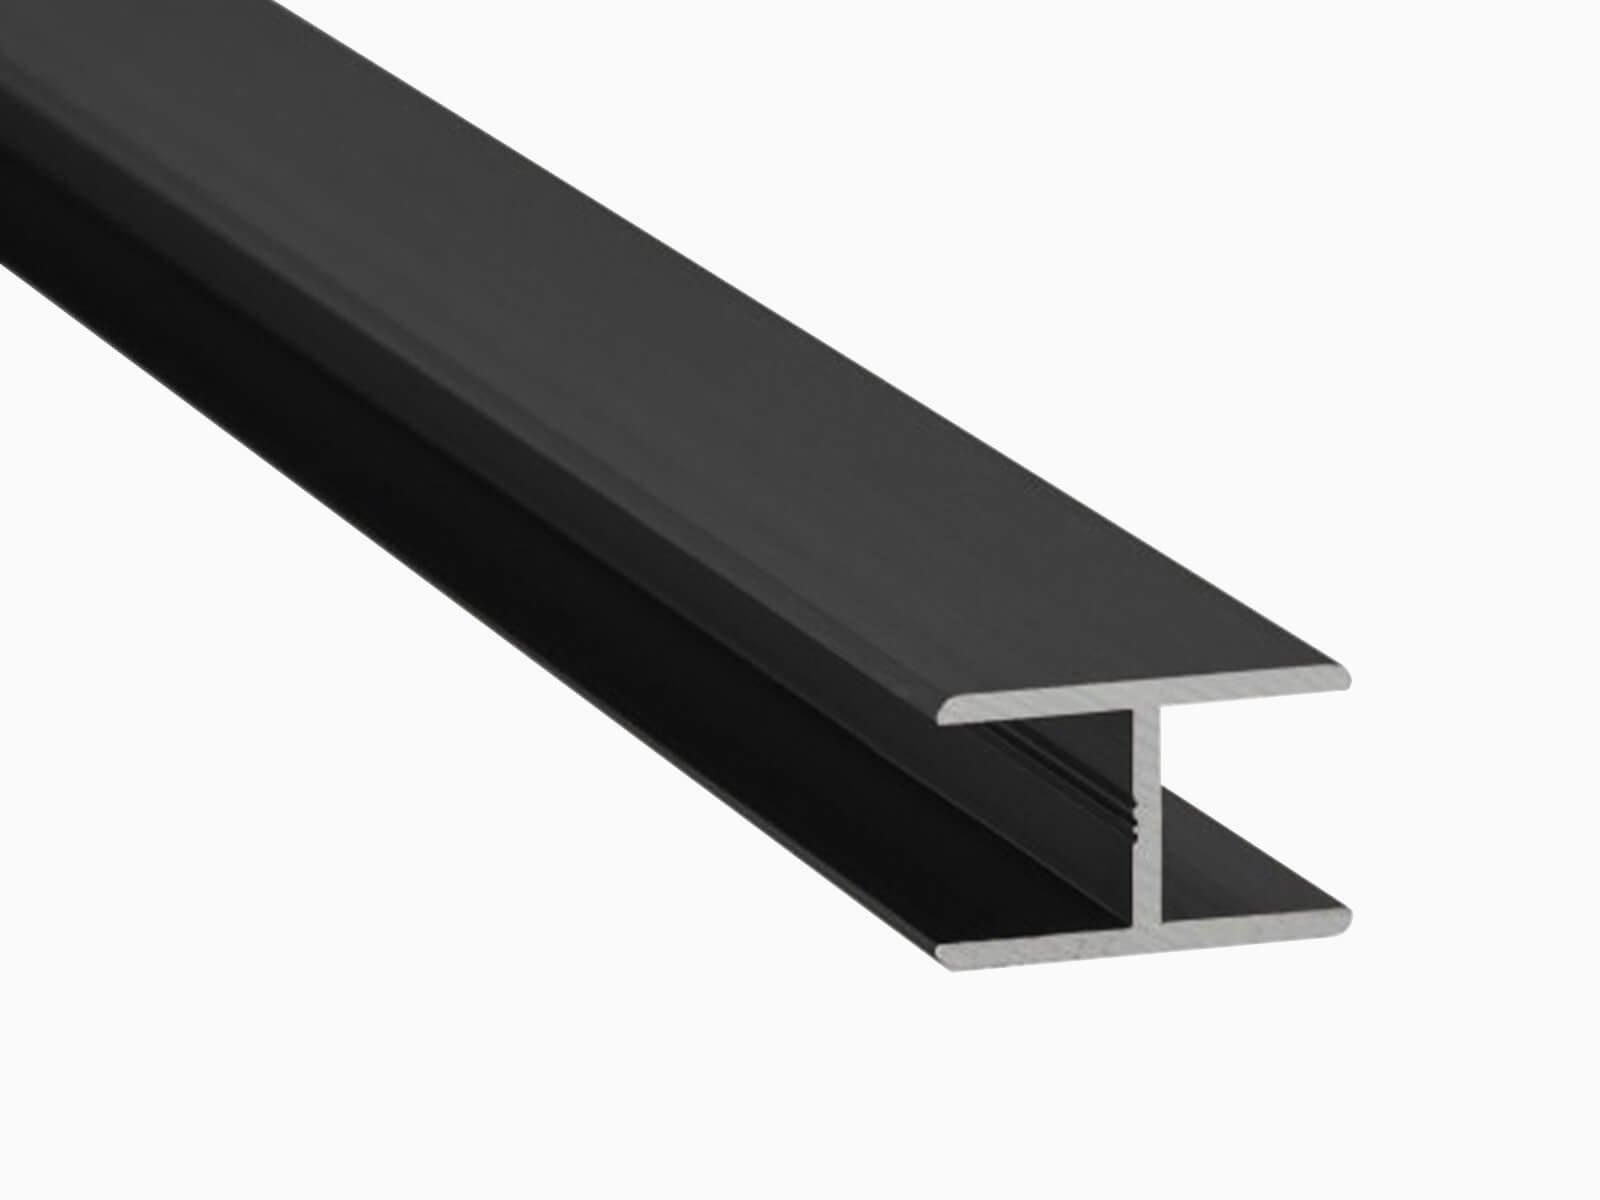 H-Profil für Glaszäune Schutz vor Delemanierung und Stoss anthrazit